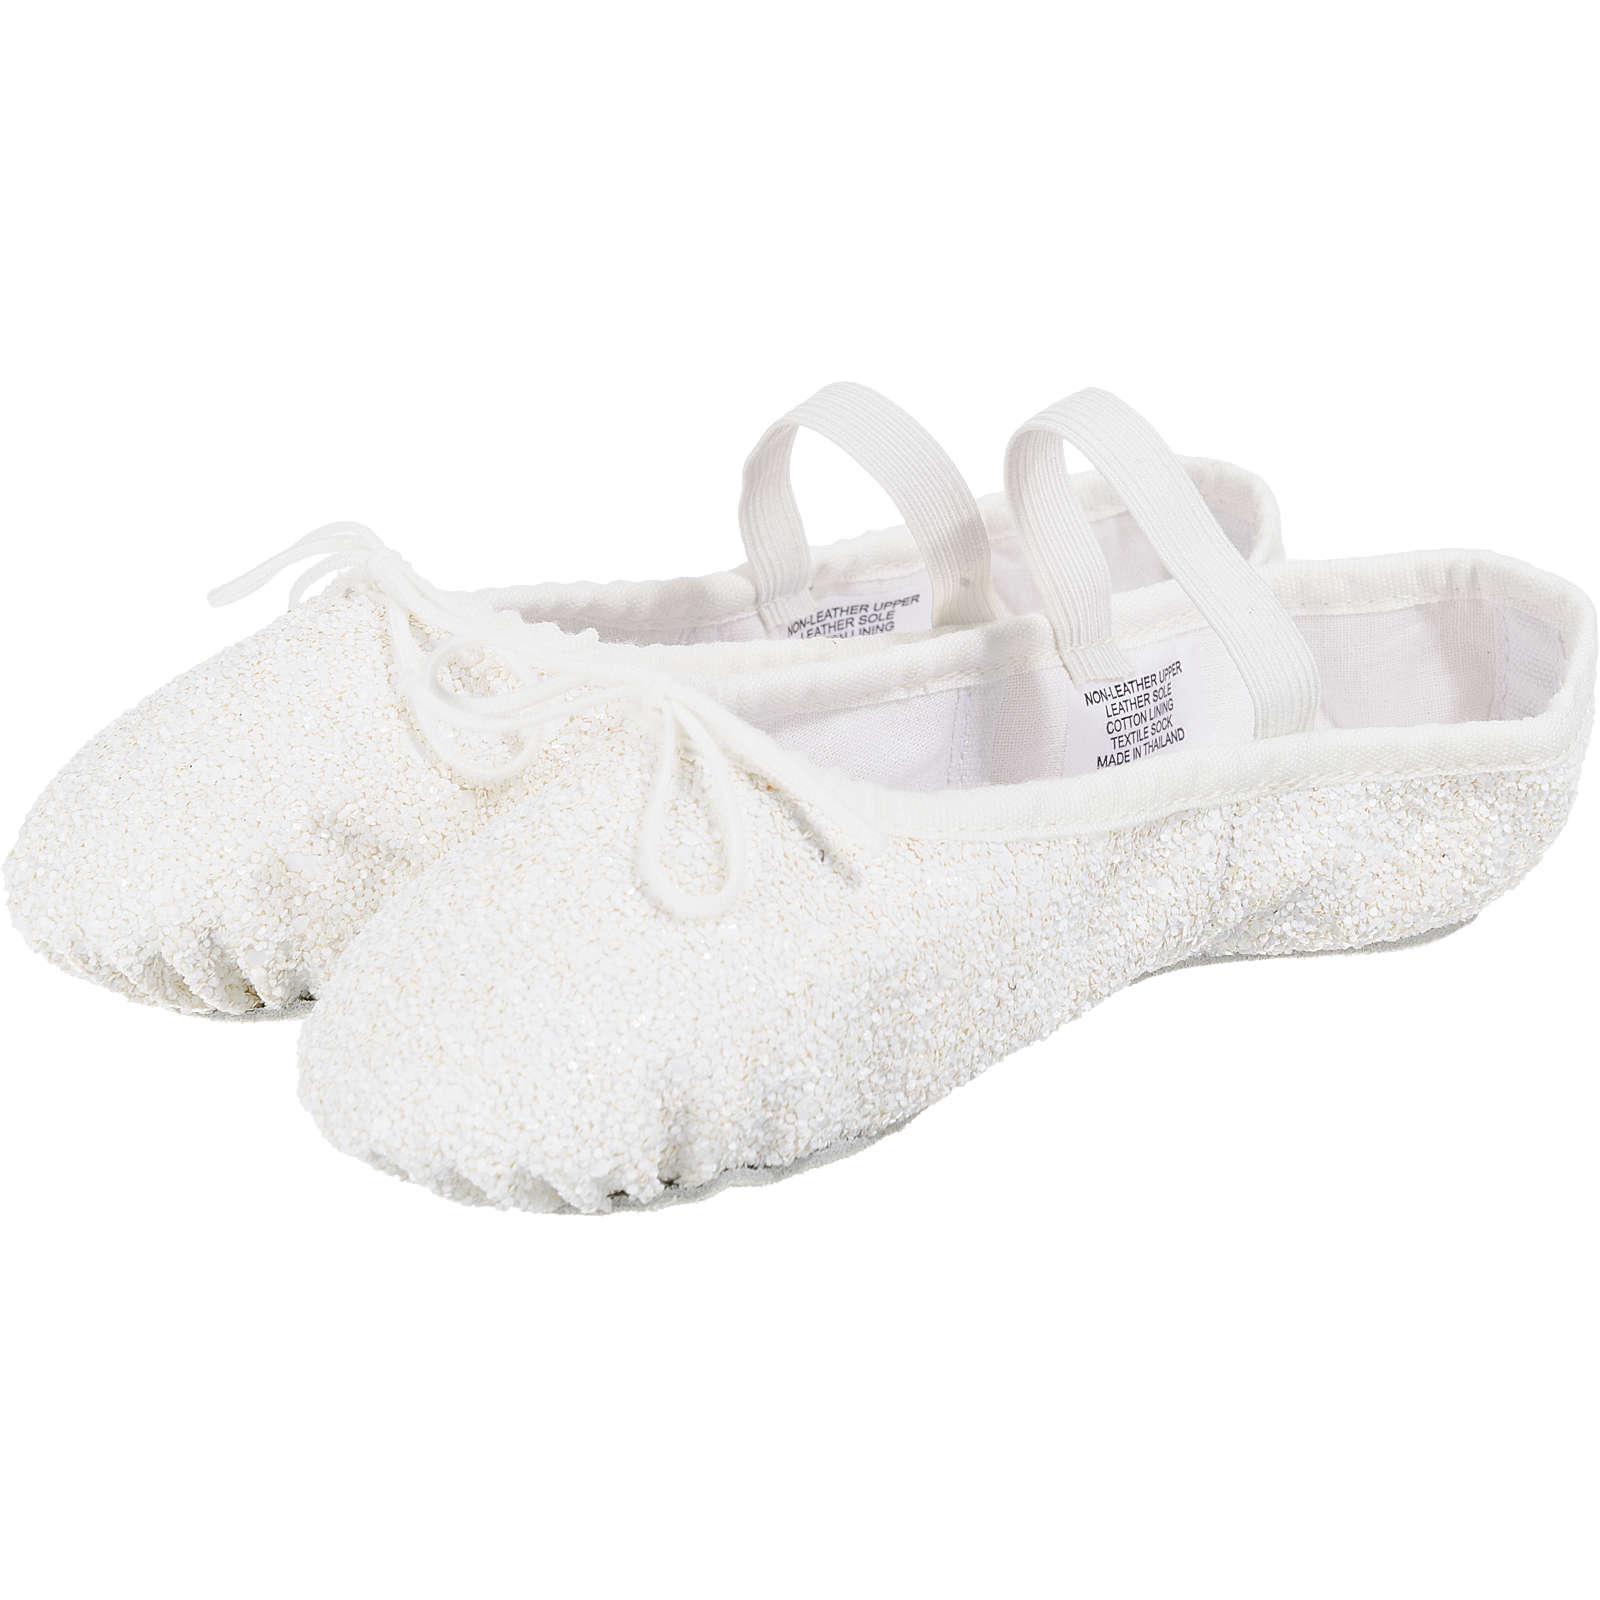 BLOCH Kinder Glitzer Ballettschuhe weiß Mädchen Gr. 25,5